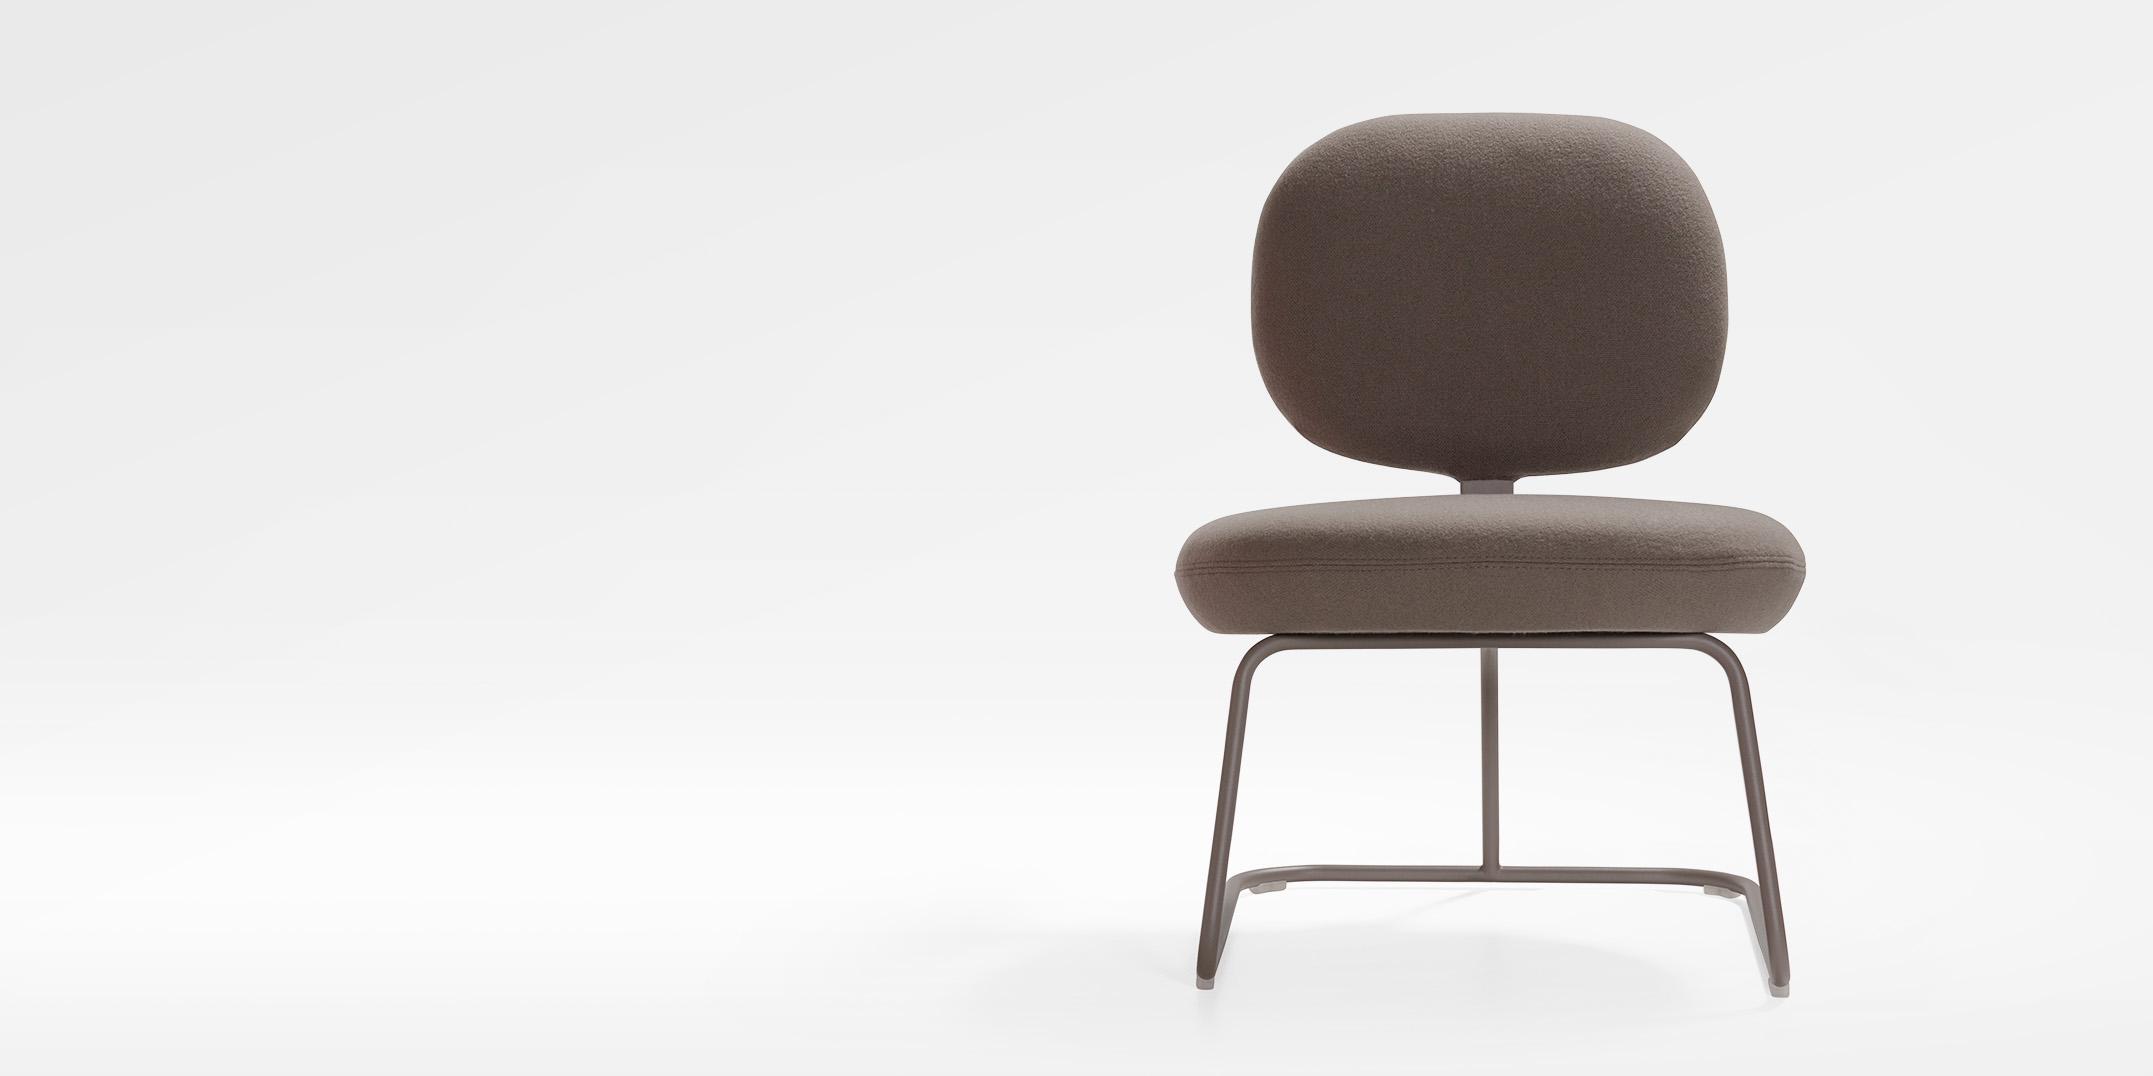 Comfortabele Design Fauteuil.Projectfauteuil Vega Comfortabele Design Fauteuil Voor